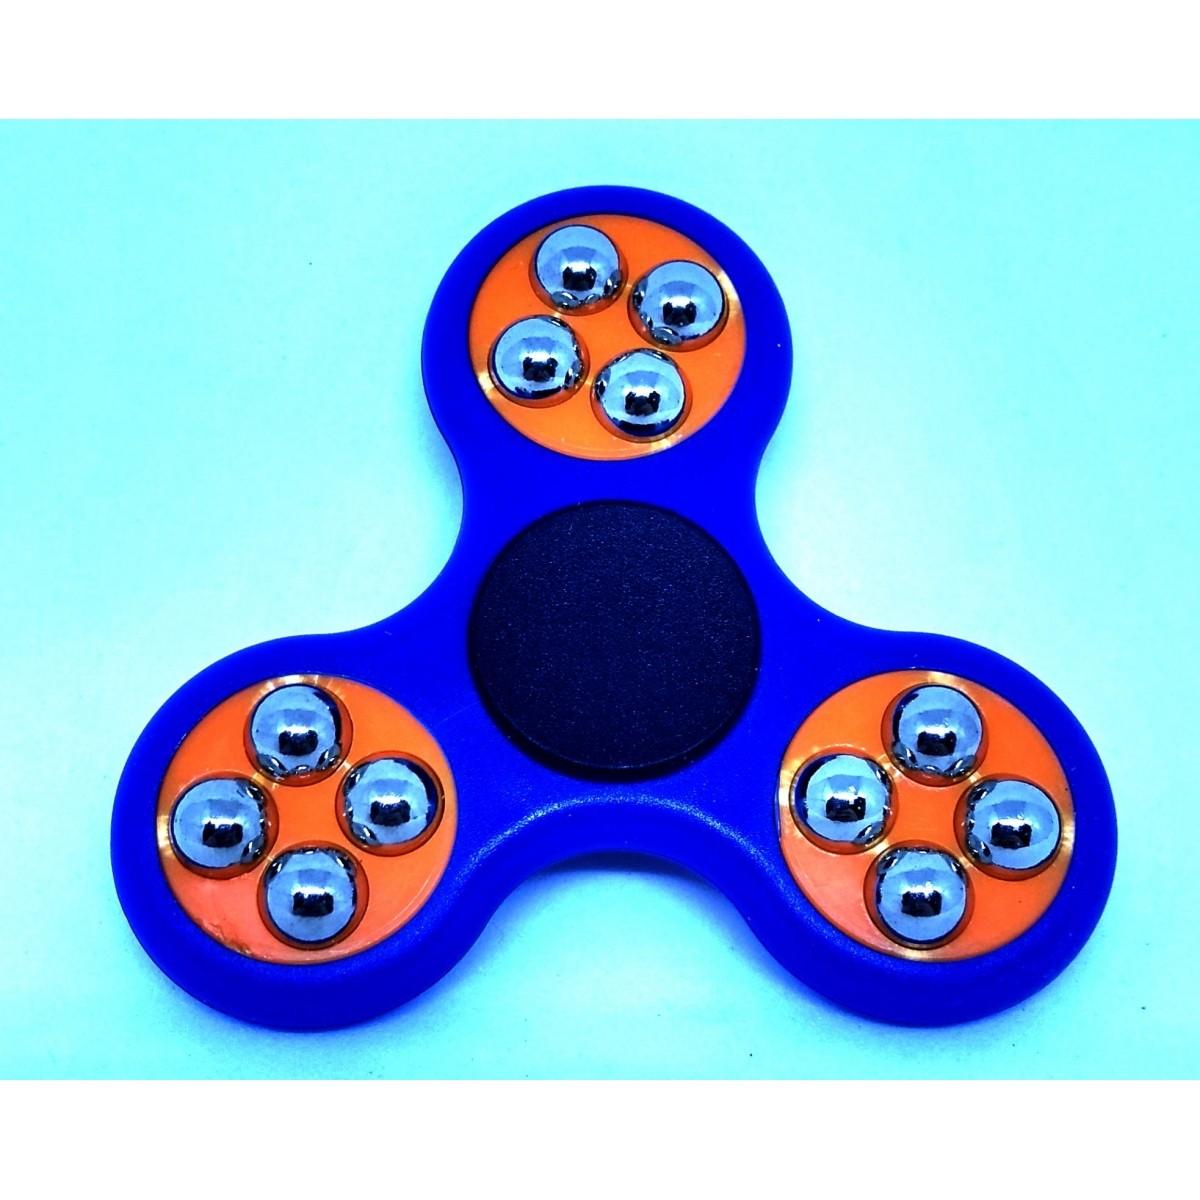 Hand Spinner com bolinhas Azul e Laranja - Rolamento Anti Estresse Fidget Hand Spinner